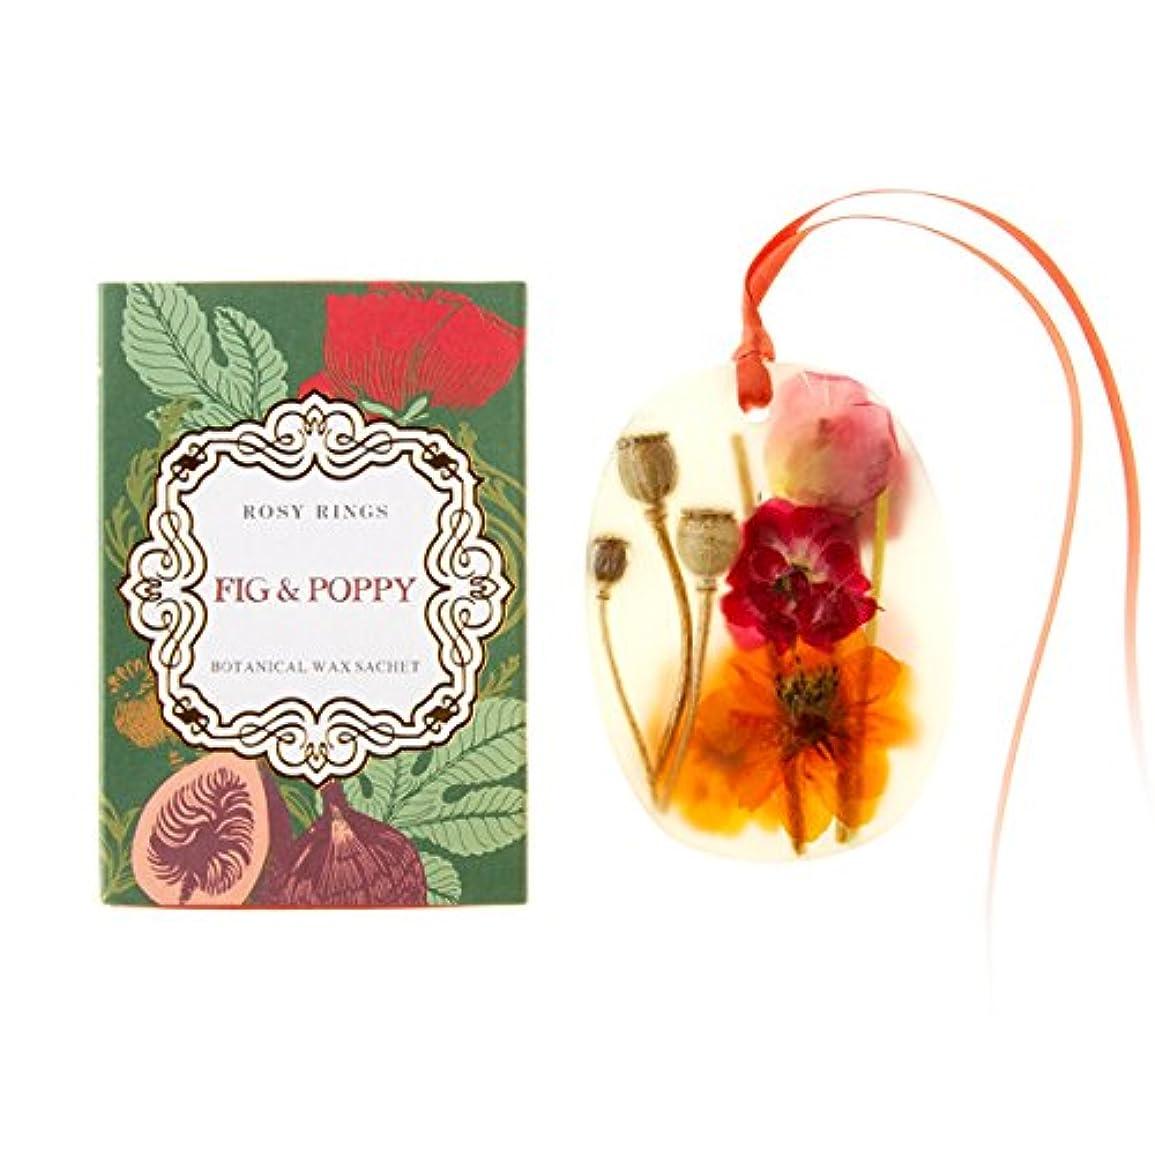 ラップトップゆるいのぞき見ロージーリングス プティボタニカルサシェ フィグ&ポピー ROSY RINGS Petite Oval Botanical Wax Sachet Fig & Poppy